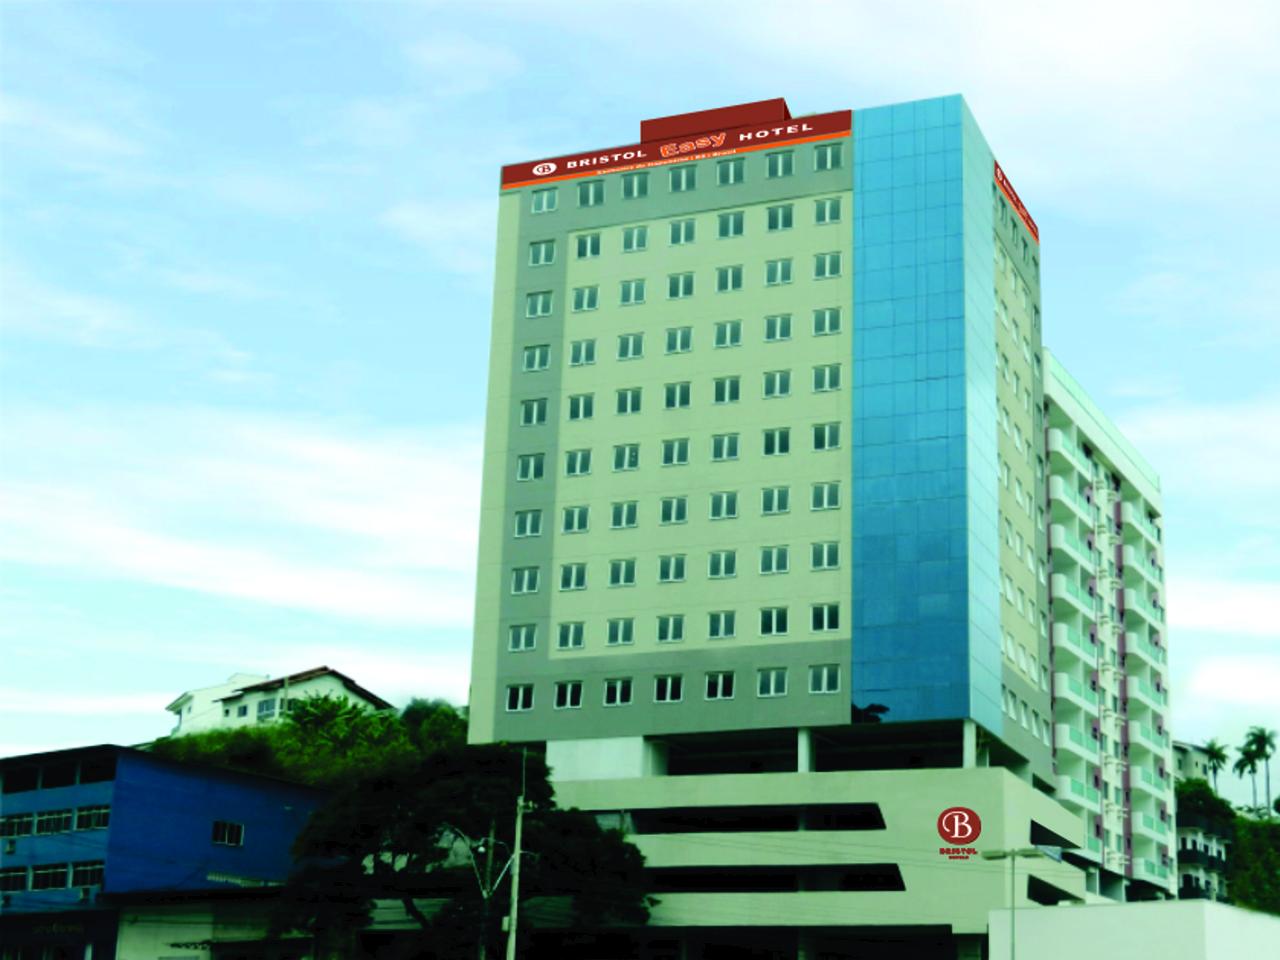 Bristol Hotels inaugura hotel de bandeira econômica em Cachoeiro ...